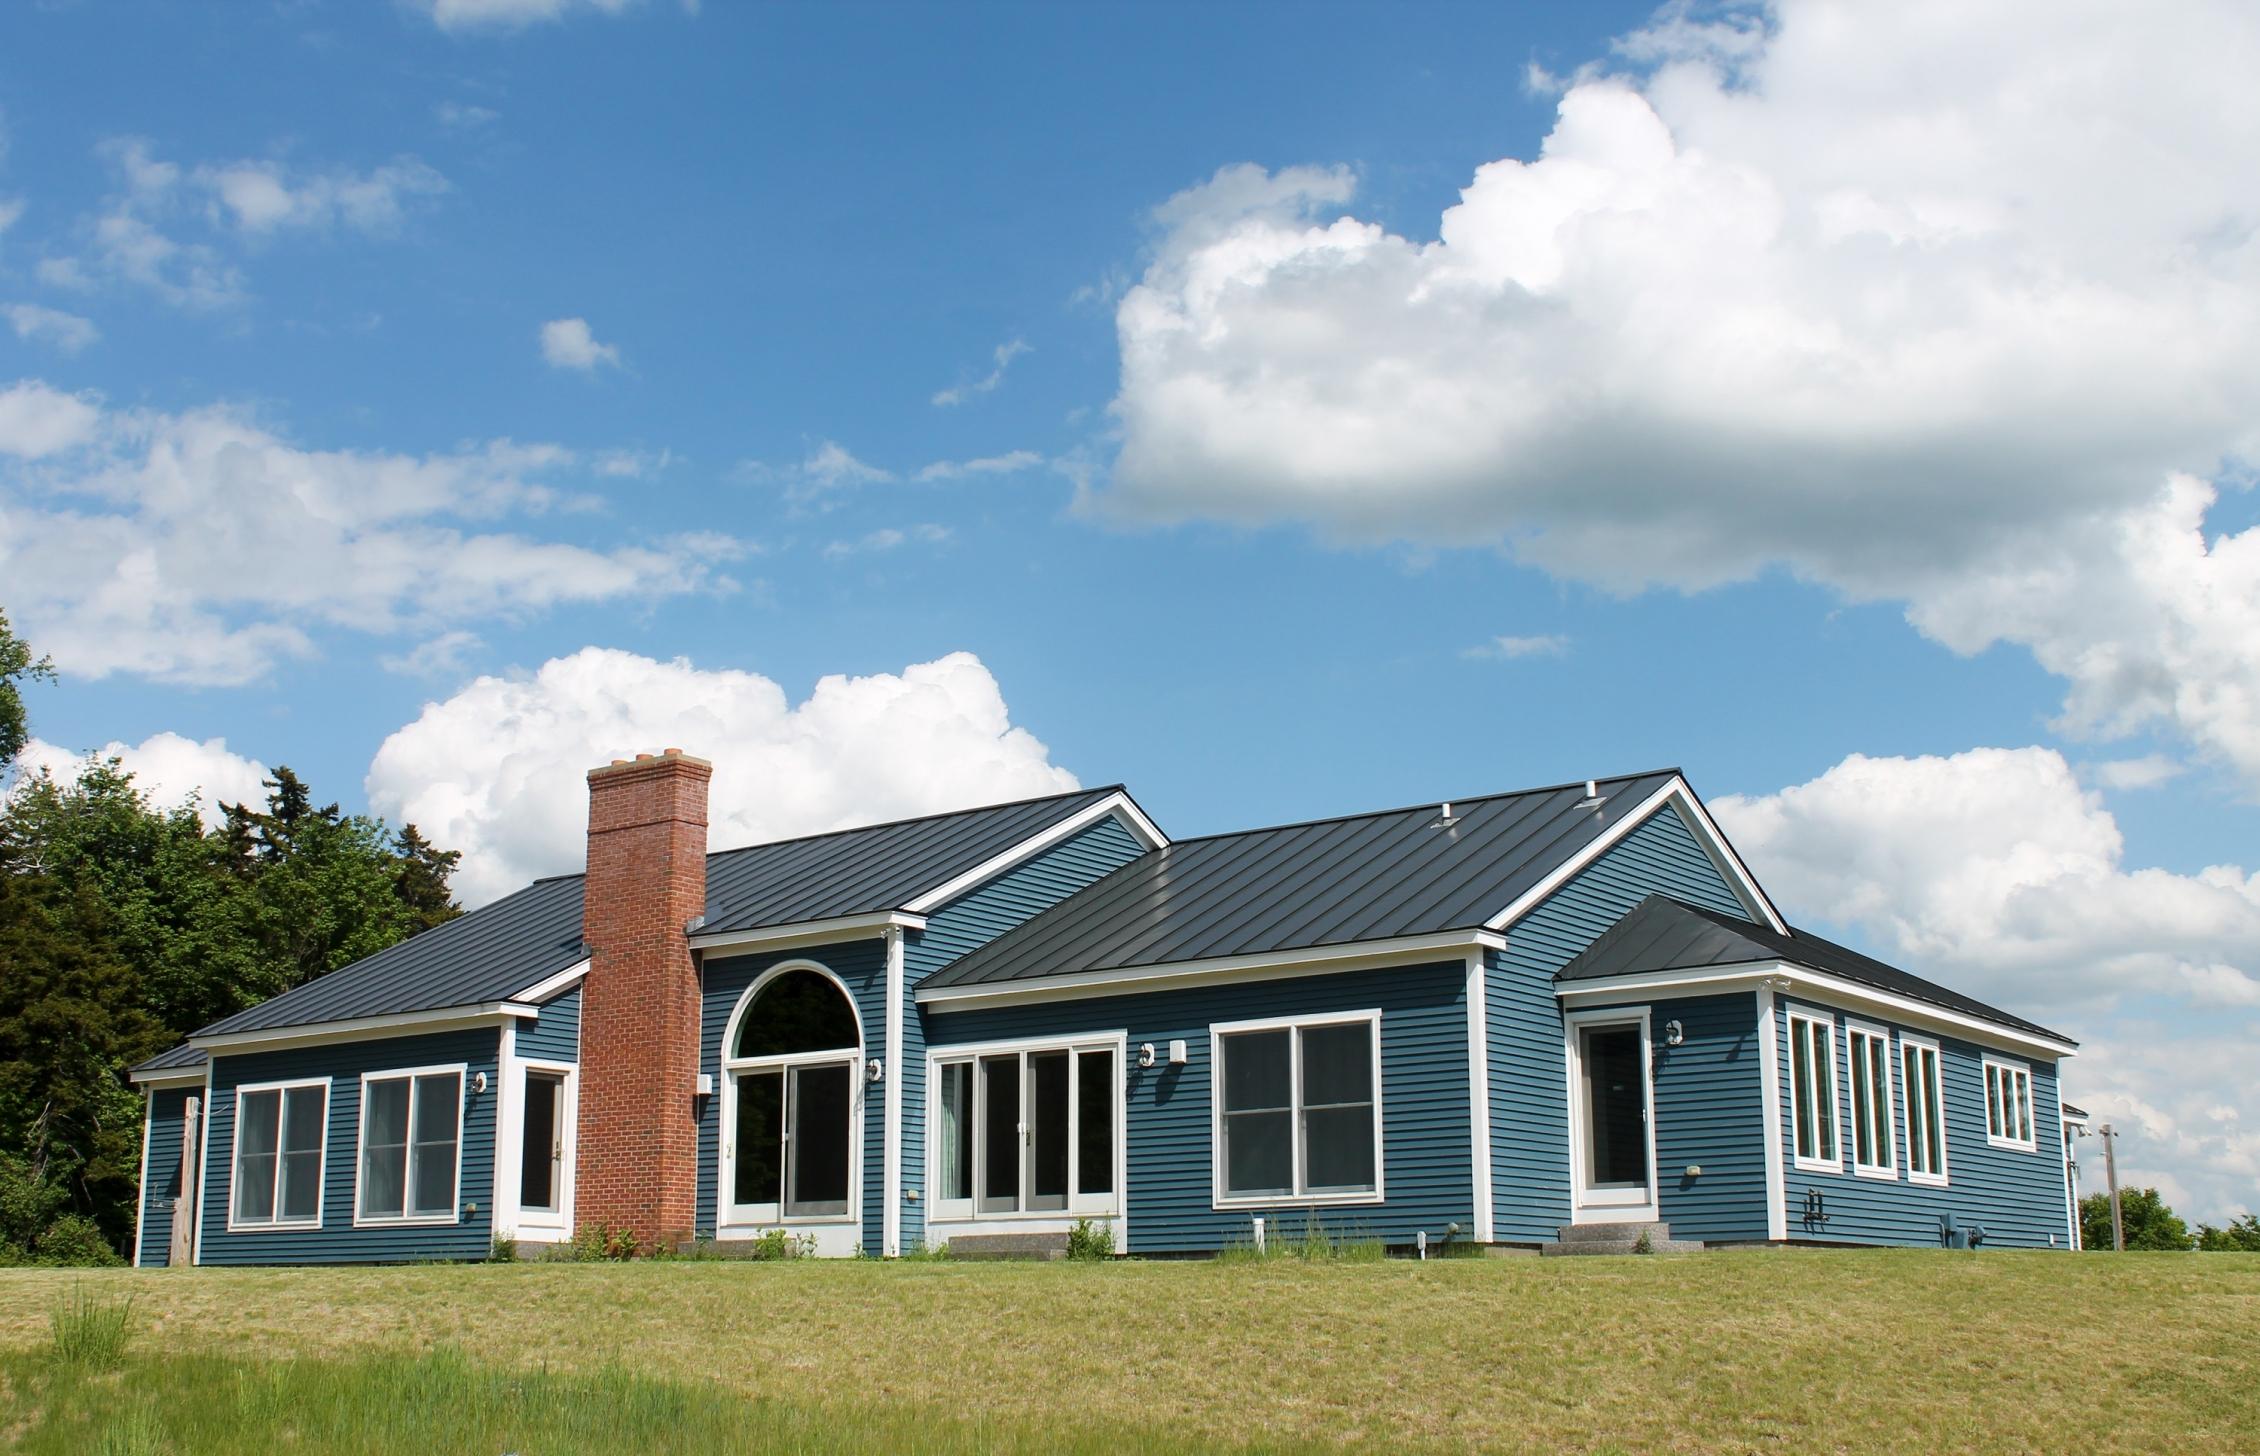 단독 가정 주택 용 매매 에 392 Sicard Road, Brookfield 392 Sicard Rd Brookfield, 베르몬트, 05036 미국